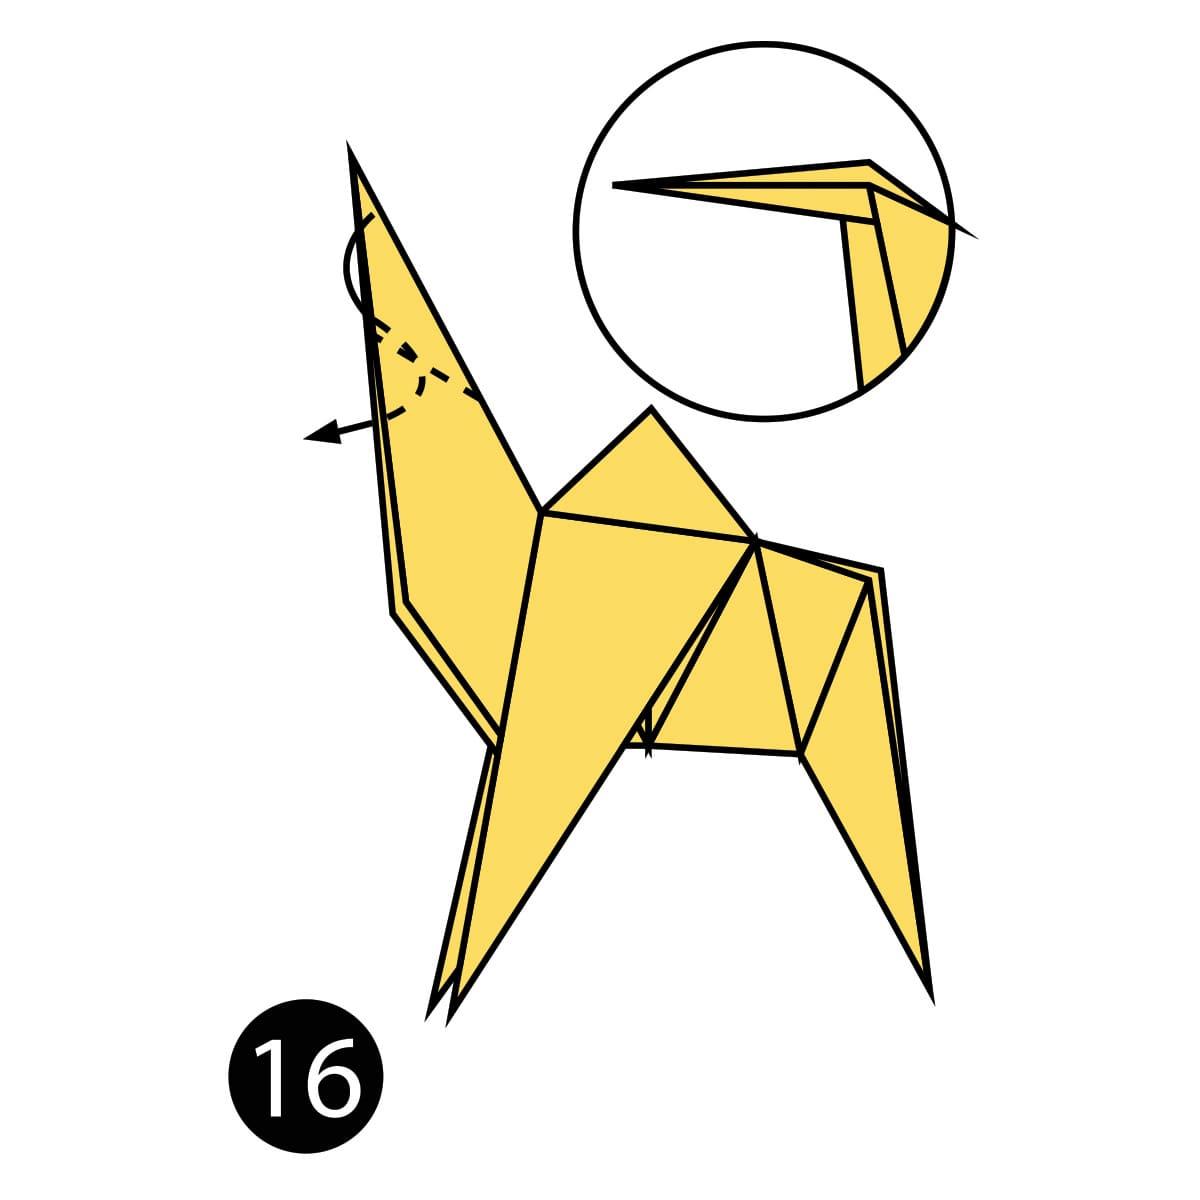 Camel Step 16